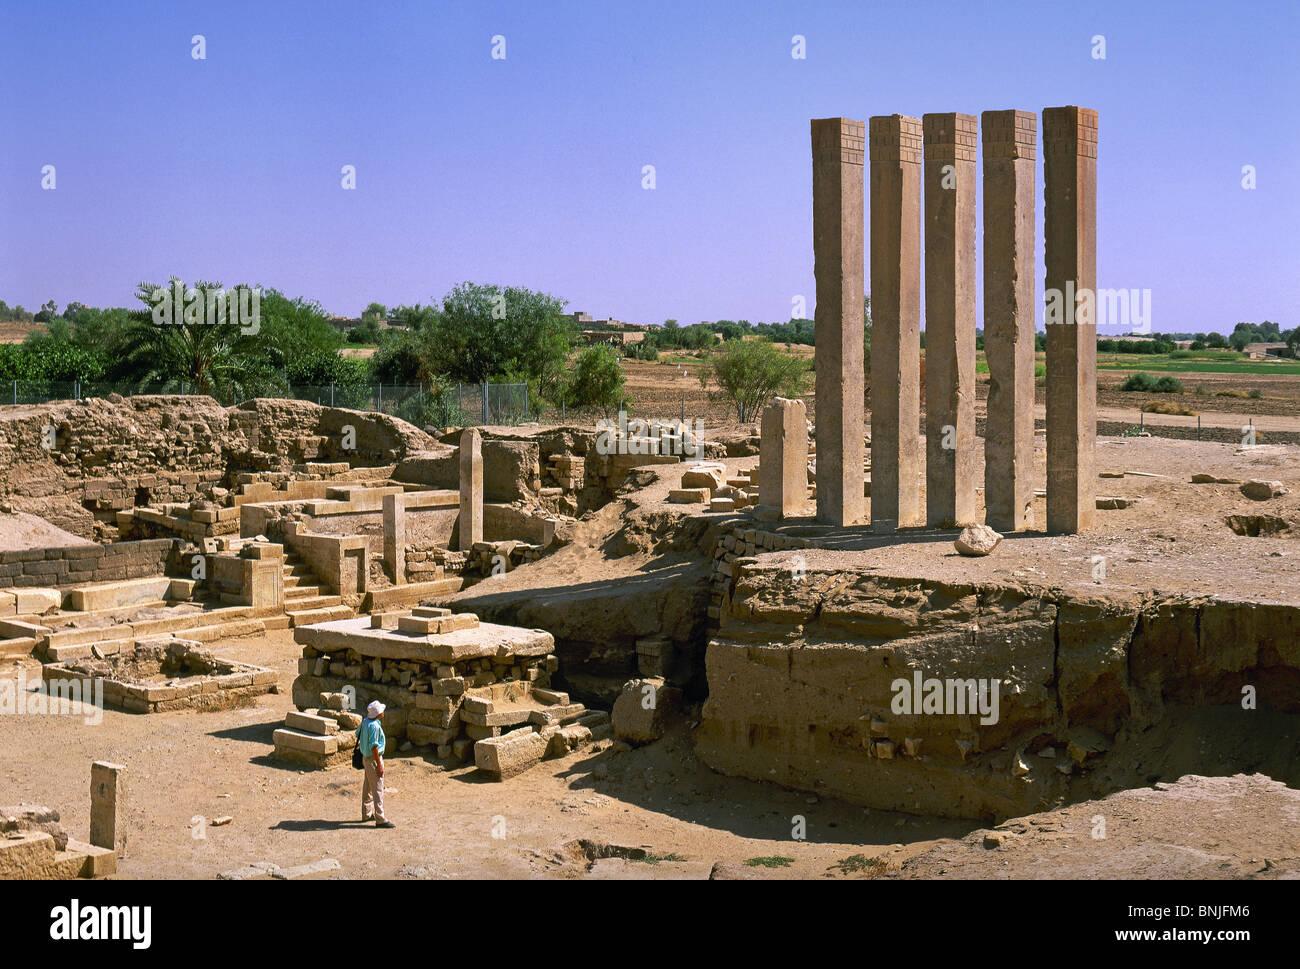 Yémen Février 2005 Ma'rib city Bar'une ruine antique temple ruins culture historique Photo Stock